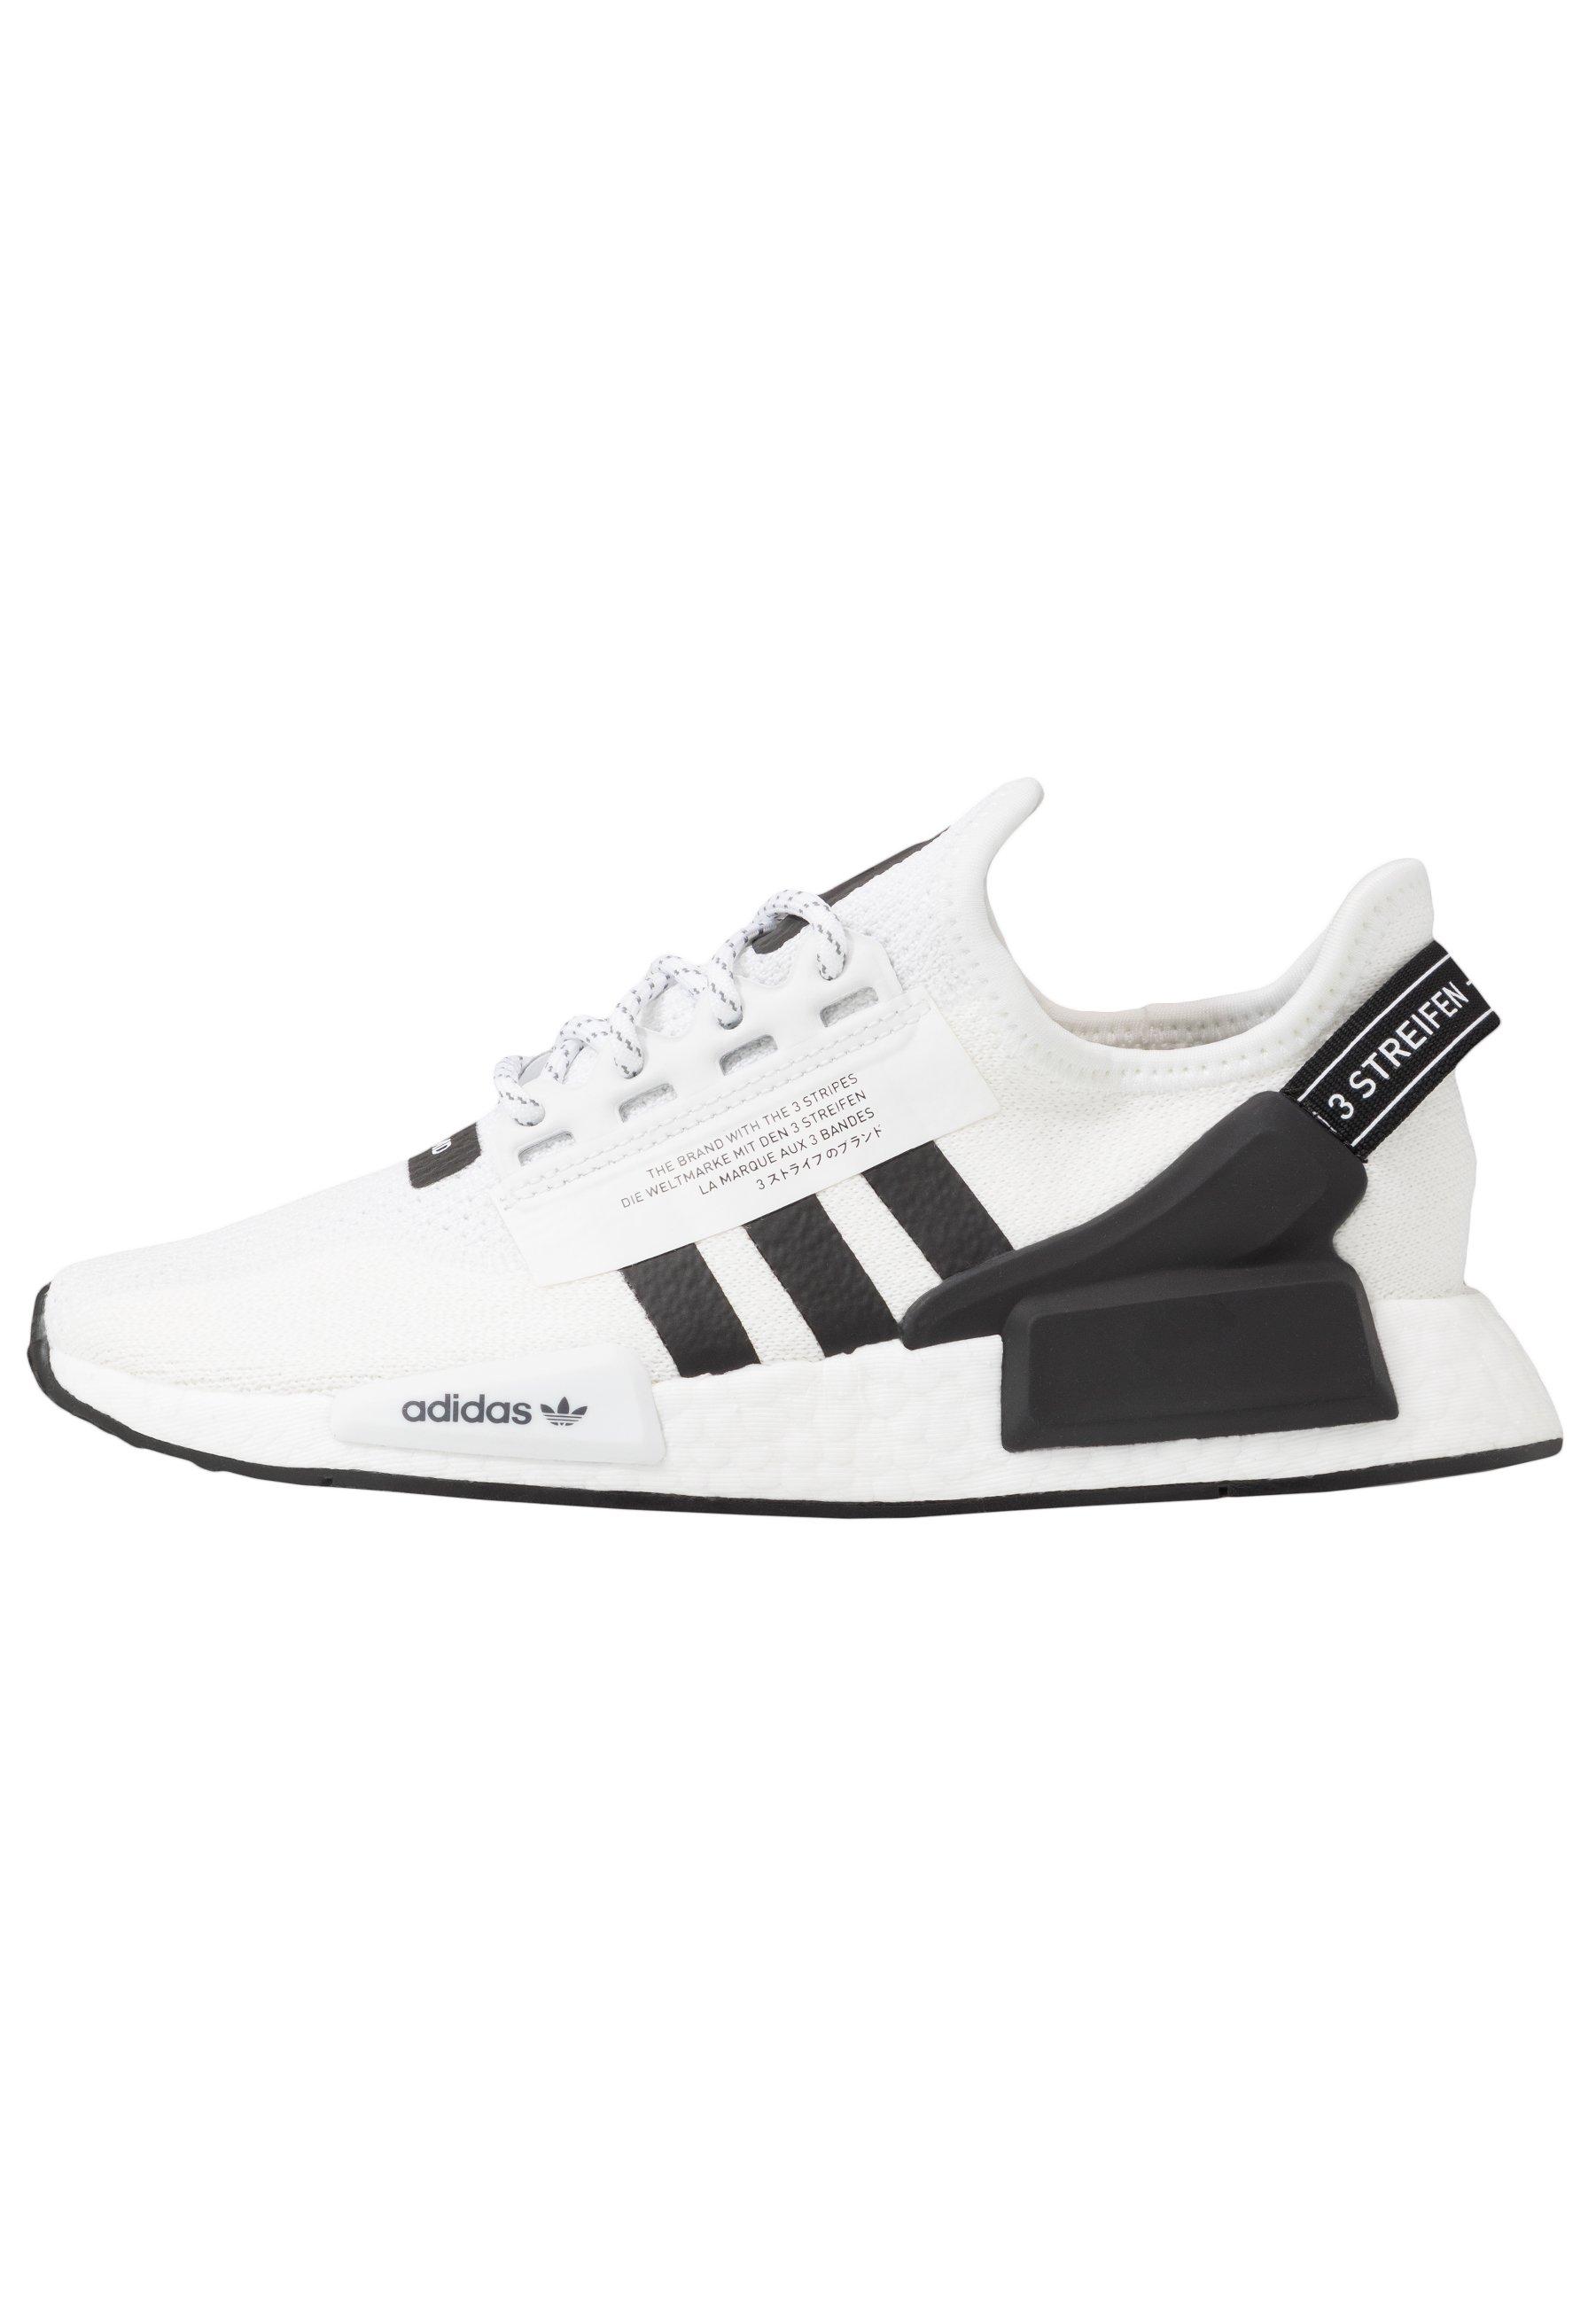 NMD_R1.V2 Sneaker low footwear whitecore black